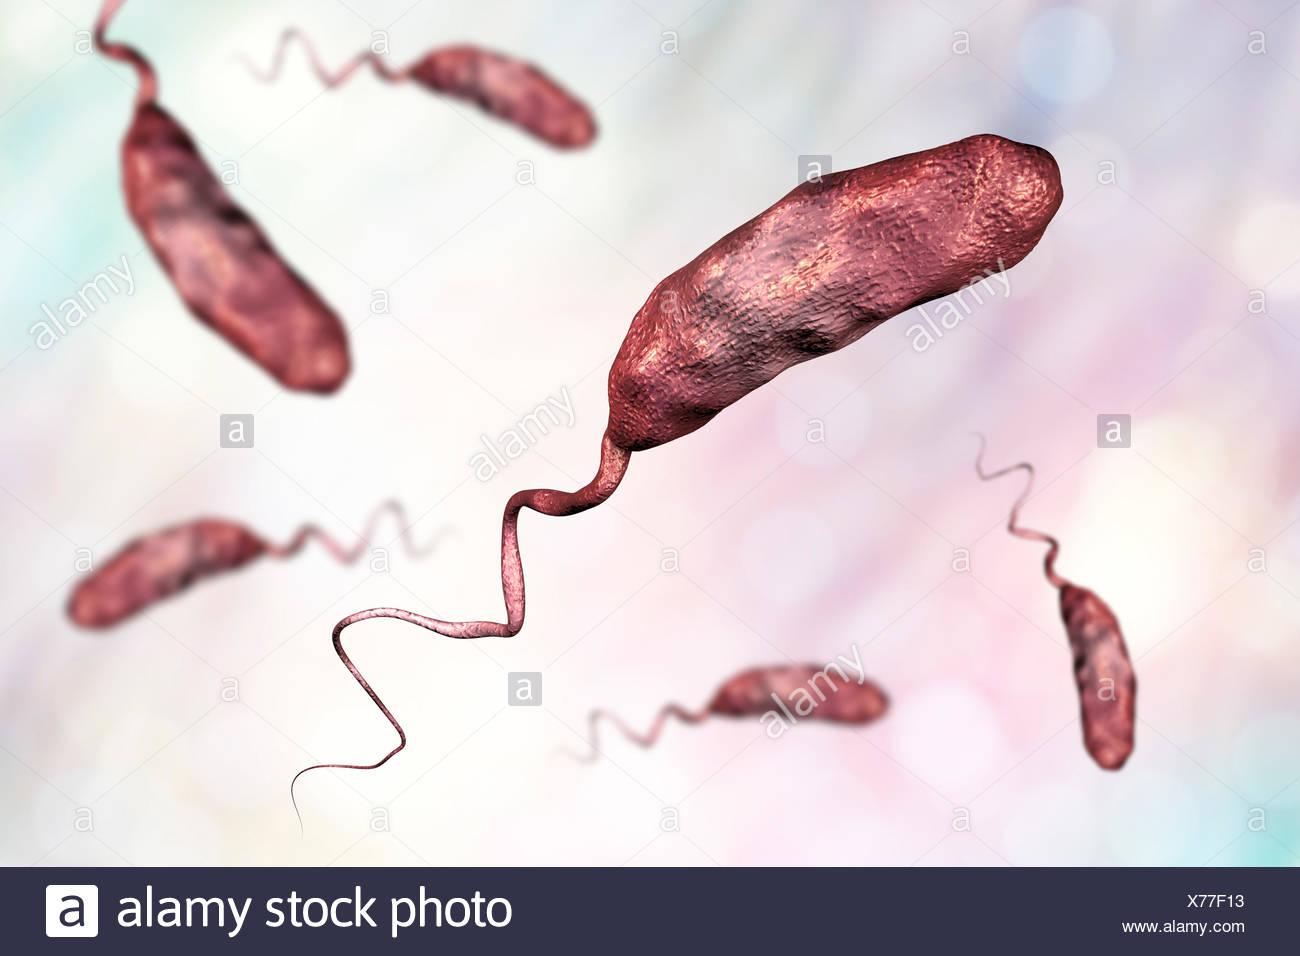 cholera bacterium vibrio cholerae stock photos & cholera ... vibrio diagram